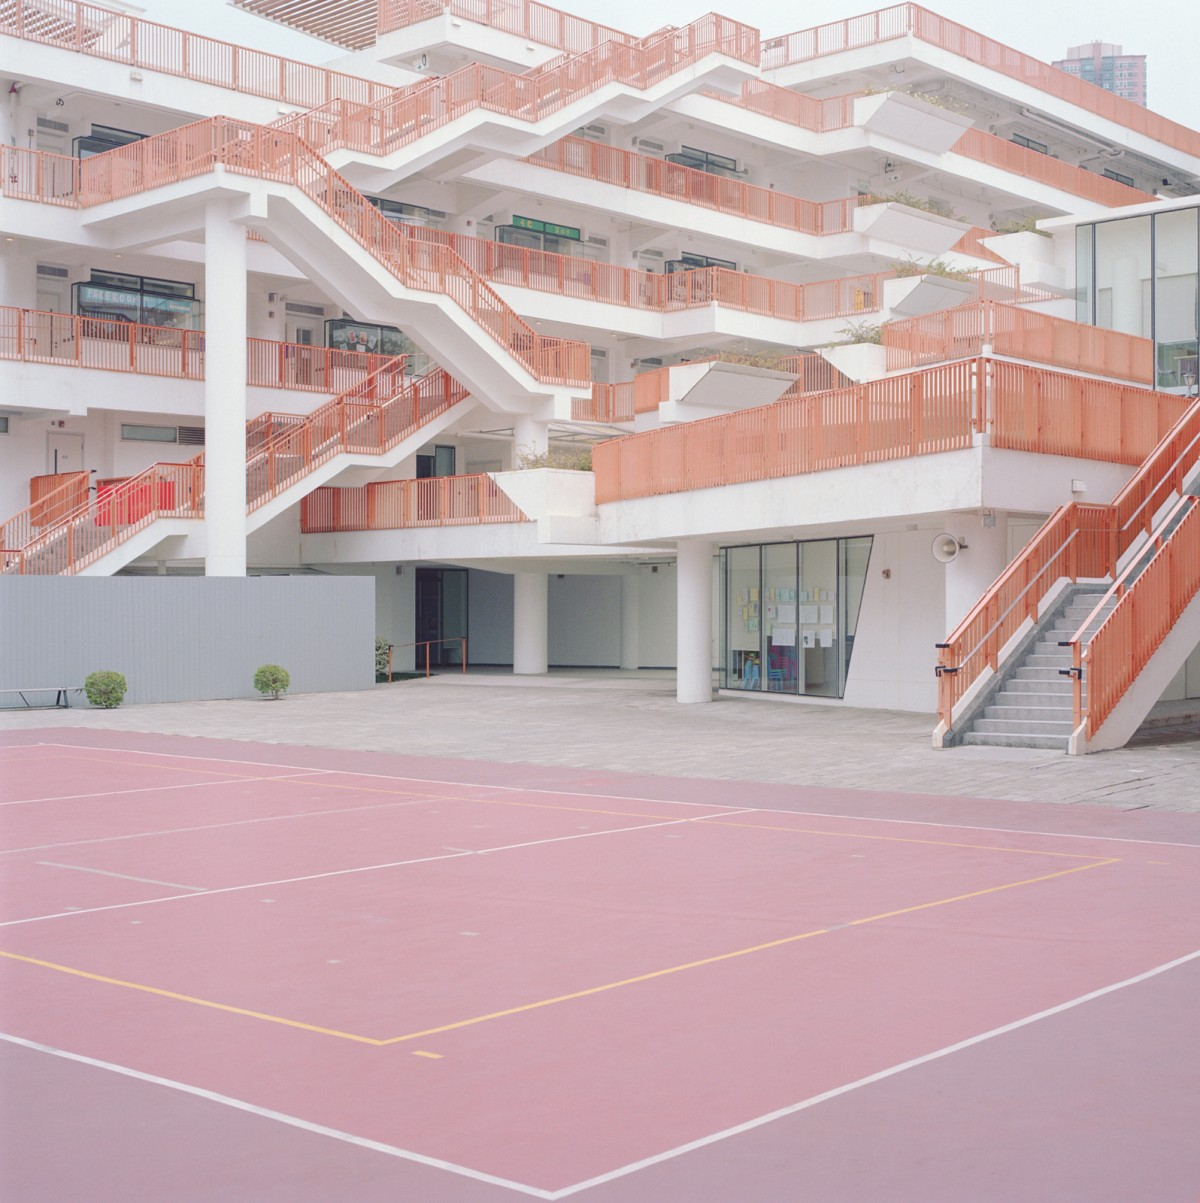 archaic_WardRoberts_Courts_6.jpg